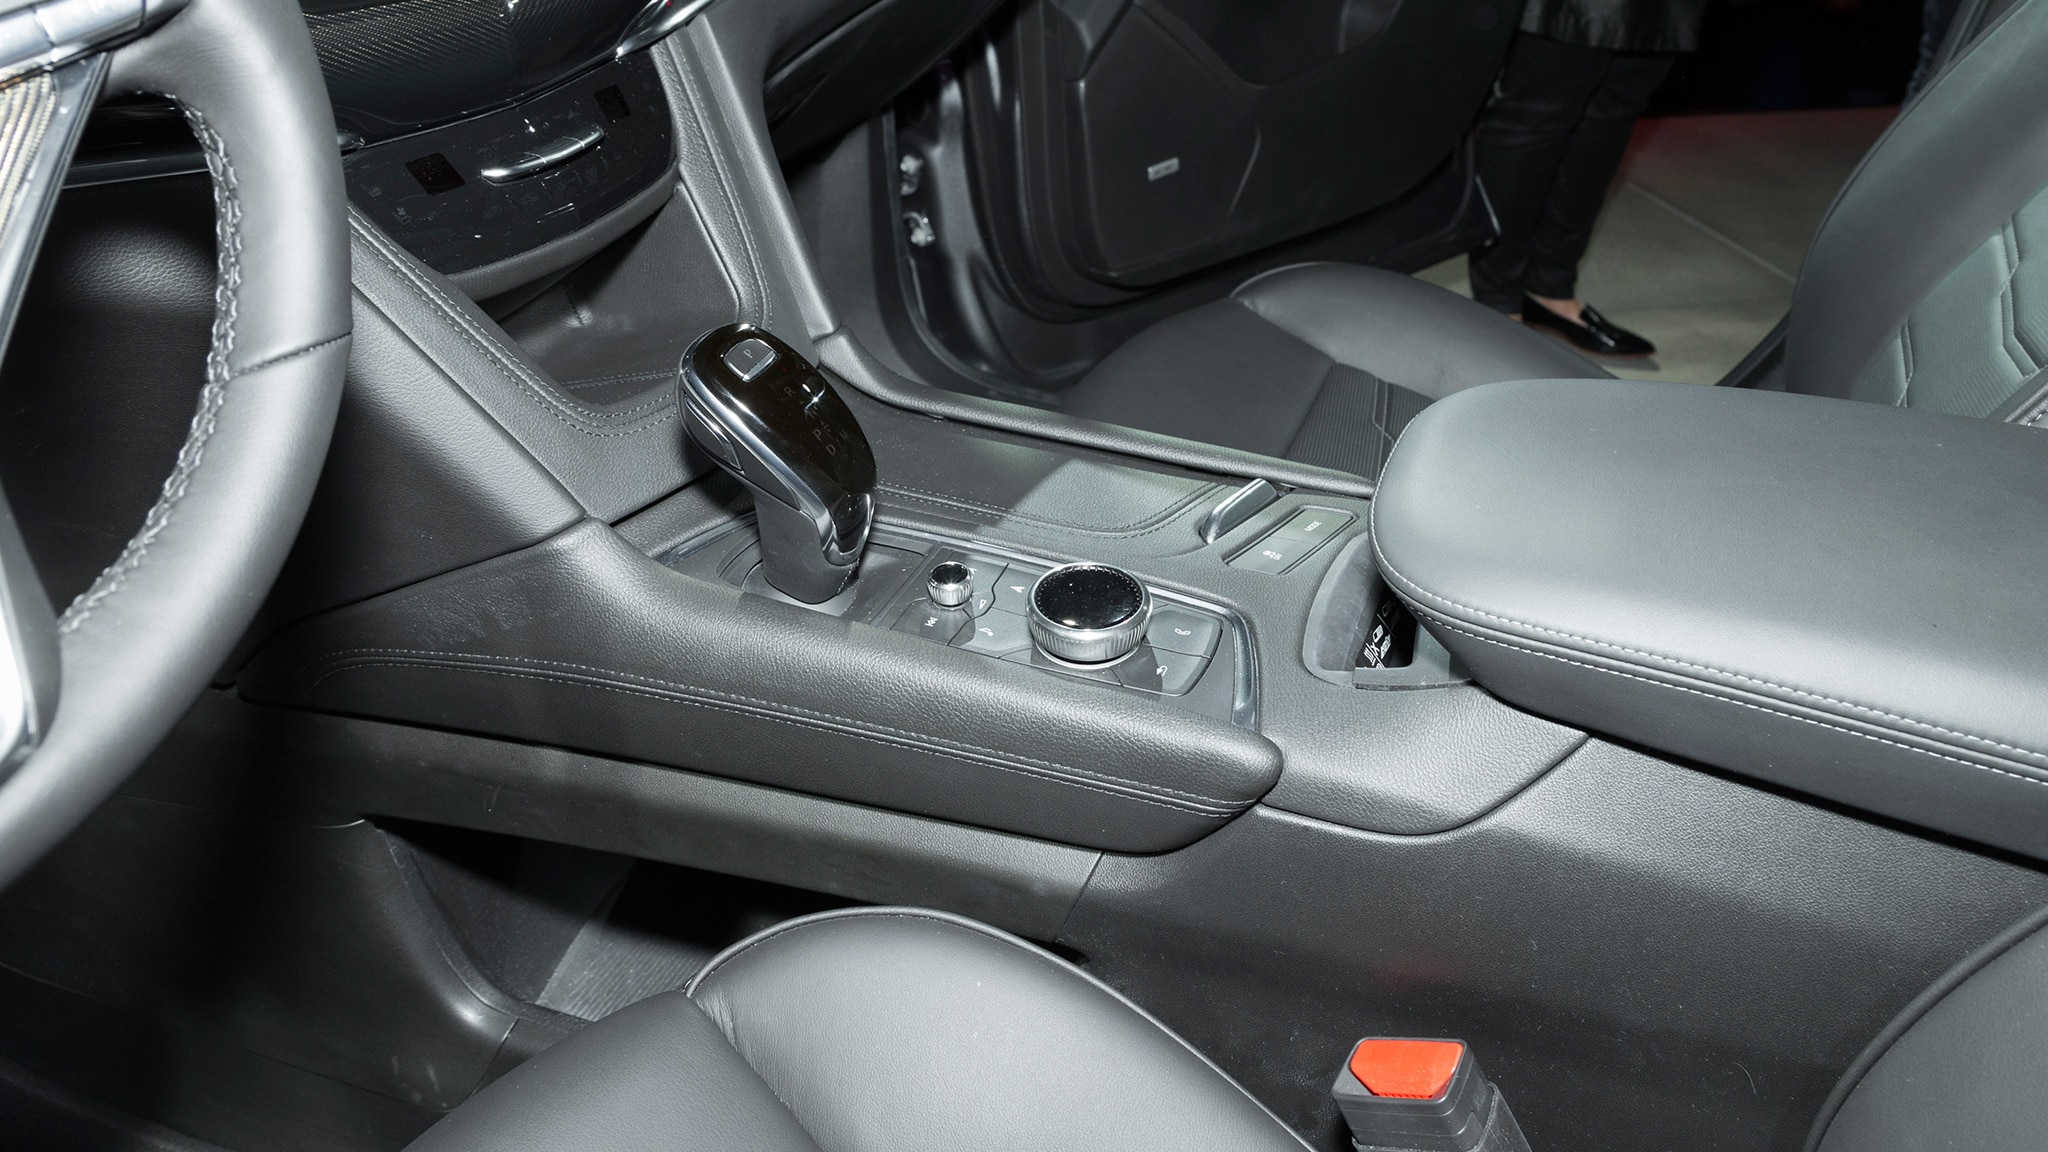 2020 Cadillac Xt6 A More Genteel Three Row Crossover Suv